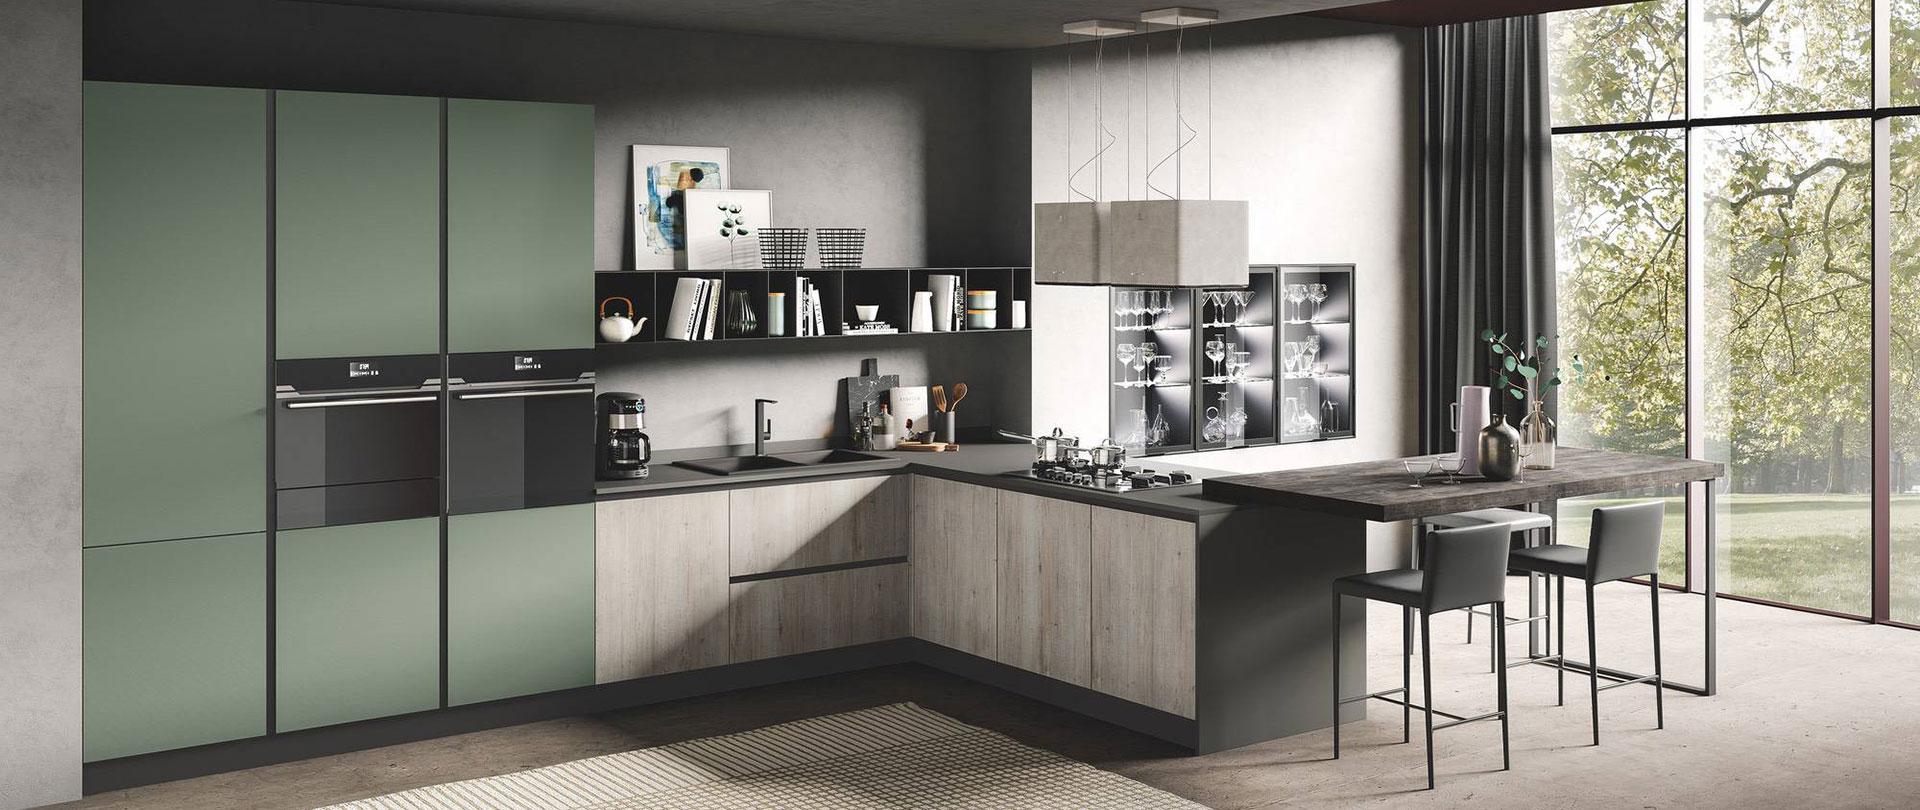 06_cucina_moderna_design_star_corda-tavolato_verde-muschio-opaco